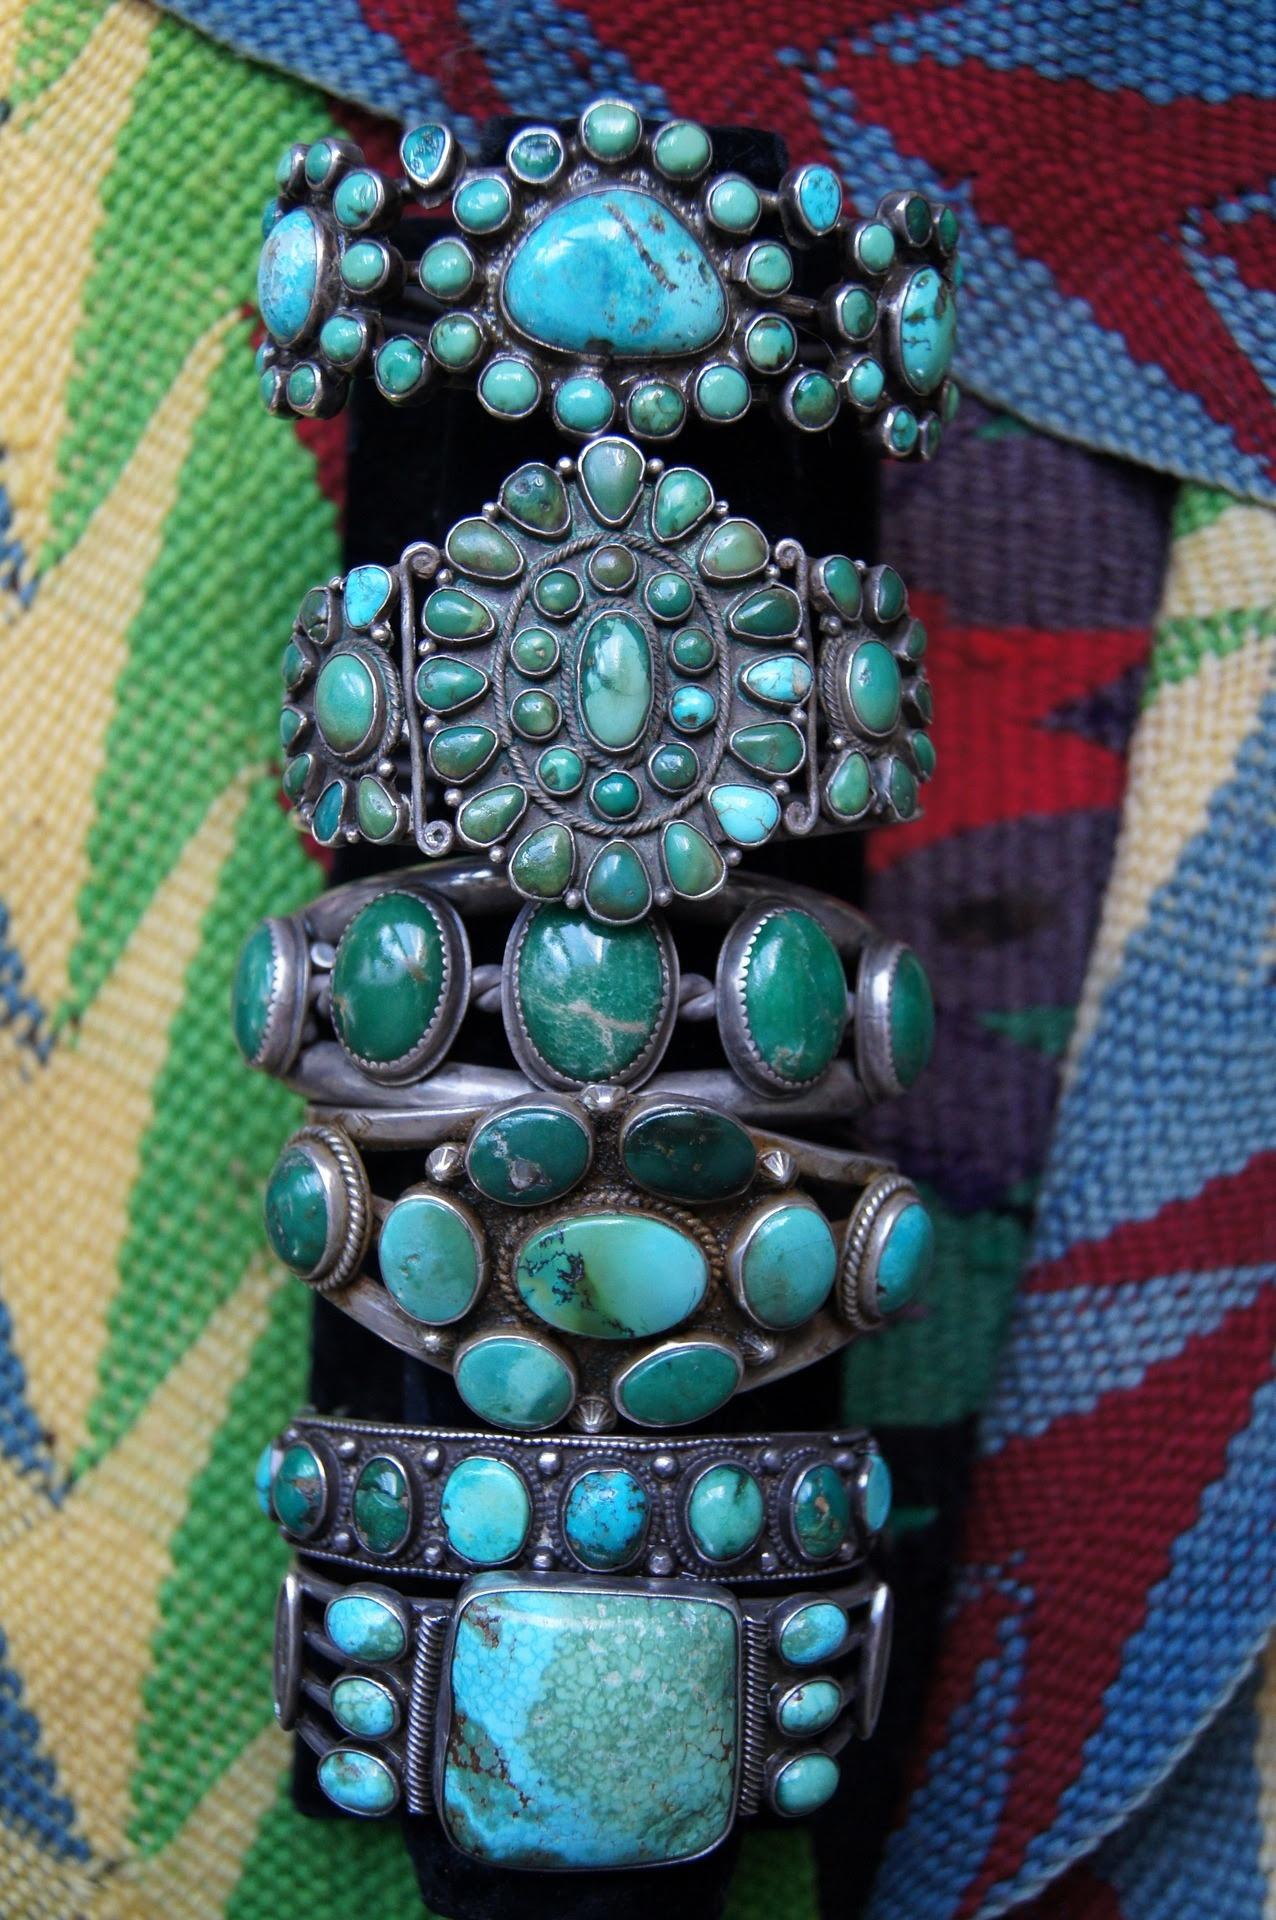 uchizonogallery:  Antique and Vintage Turquoise Bracelets From Uchizono Gallery.